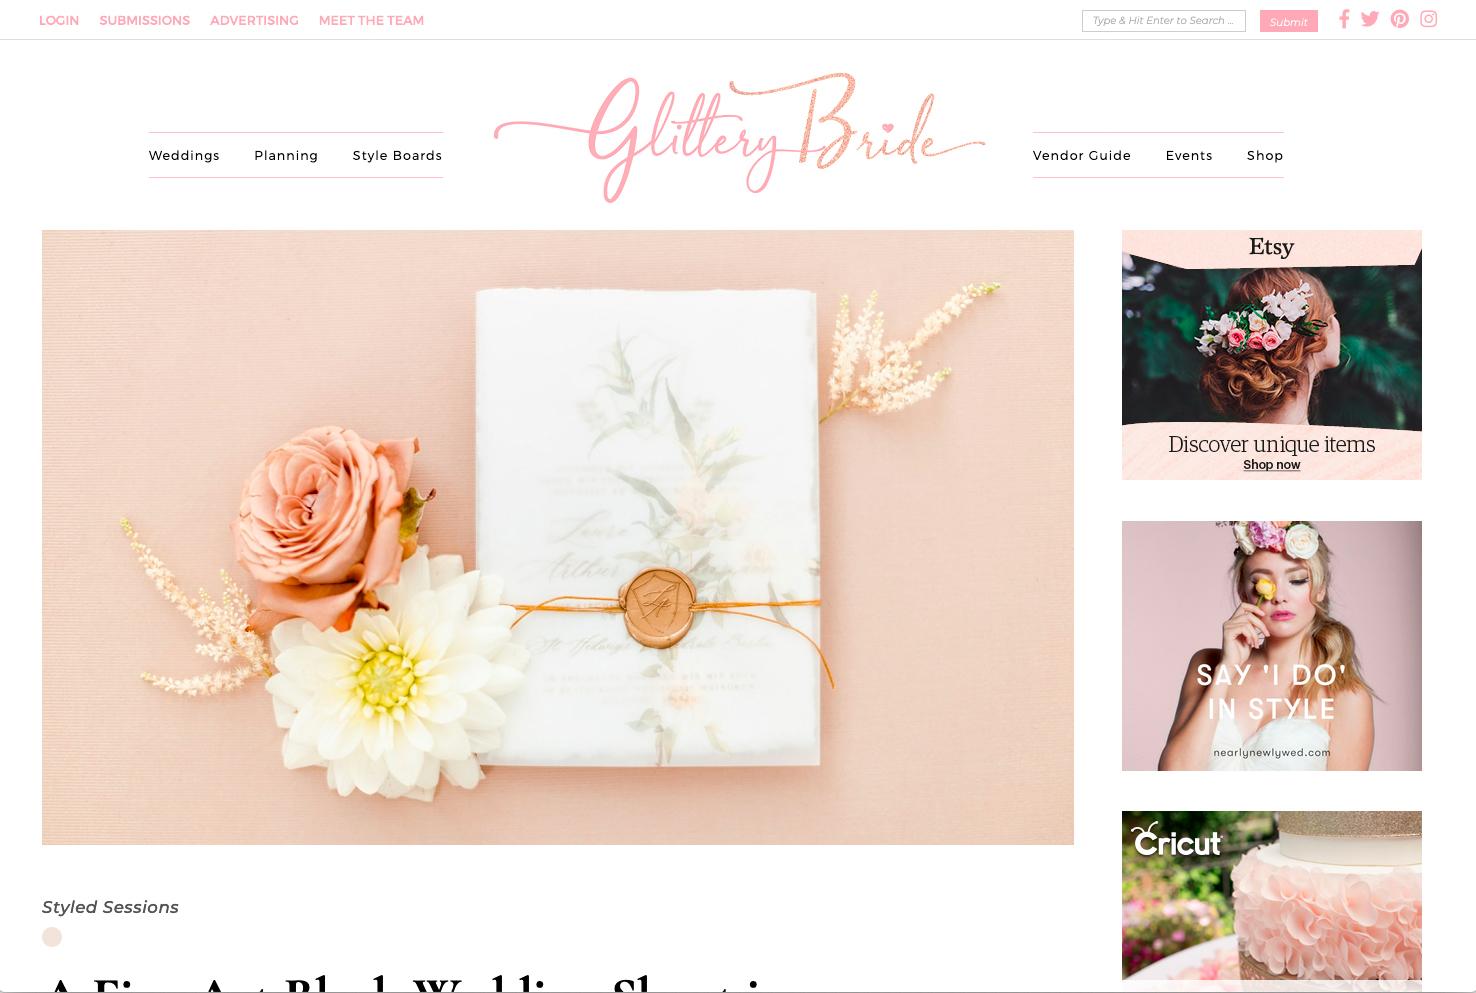 Veröffentlichung auf Glittery Bride mit der Fine Art Wedding Strecke